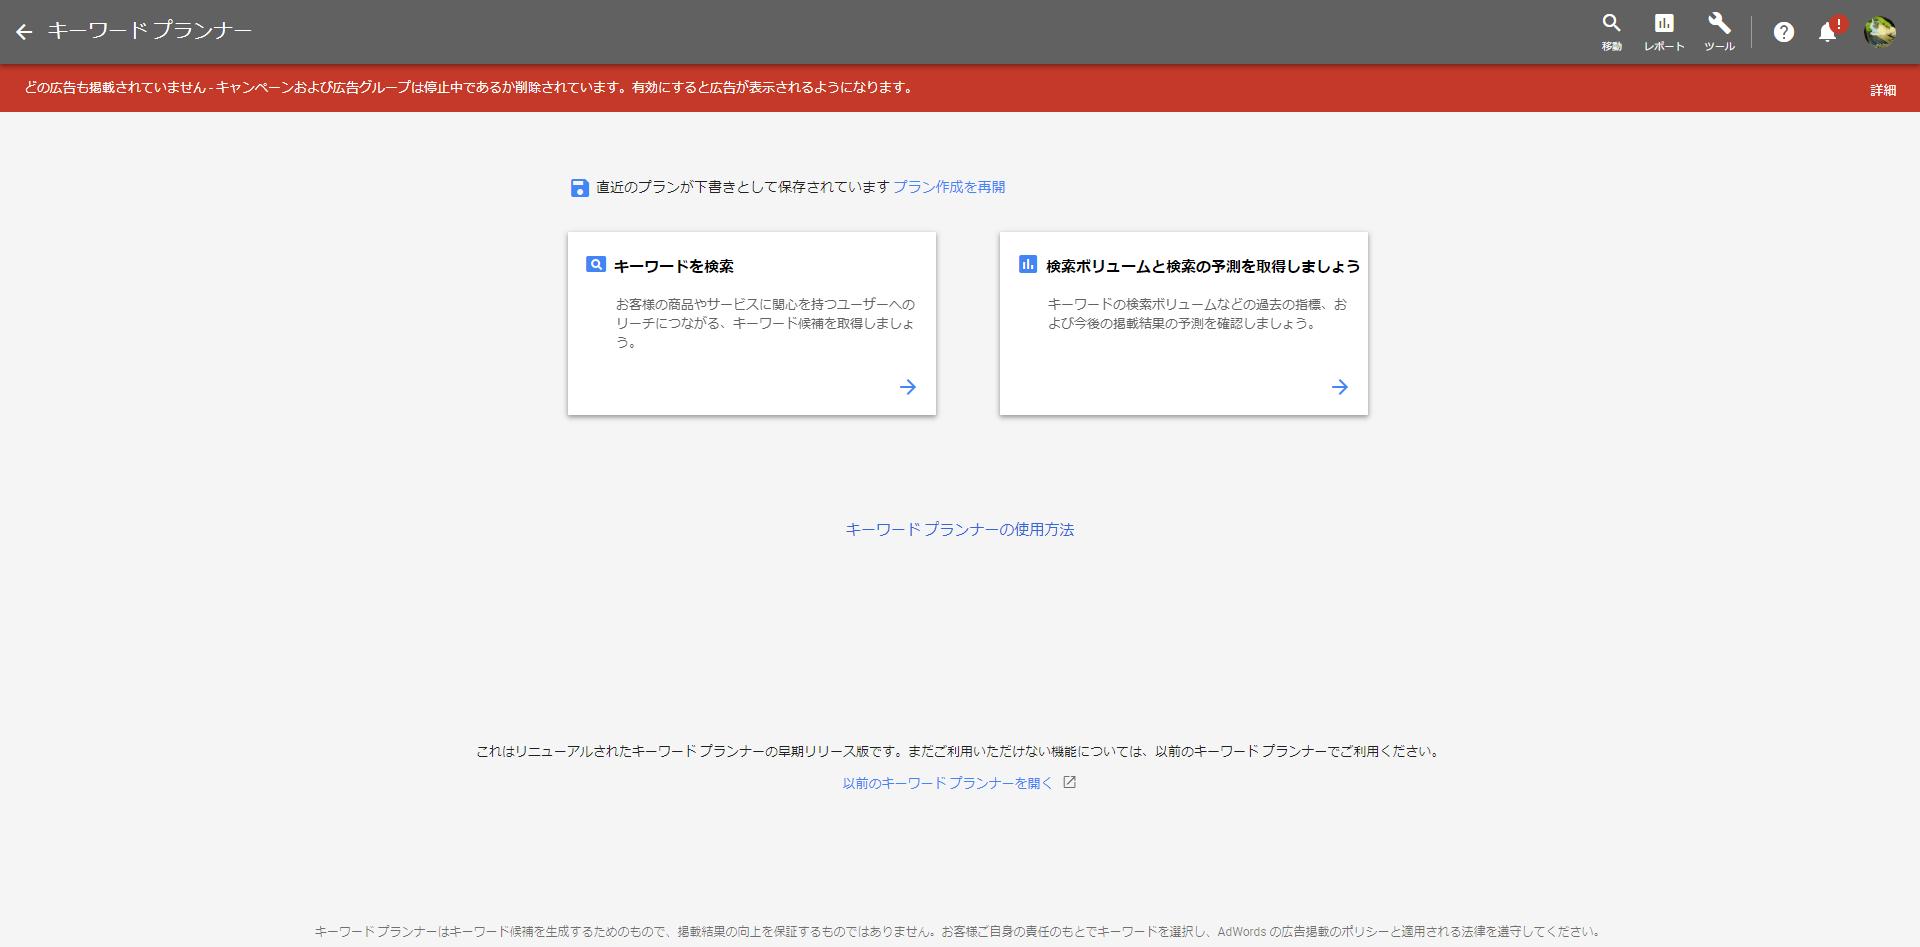 キーワードプランナー 最初の画面